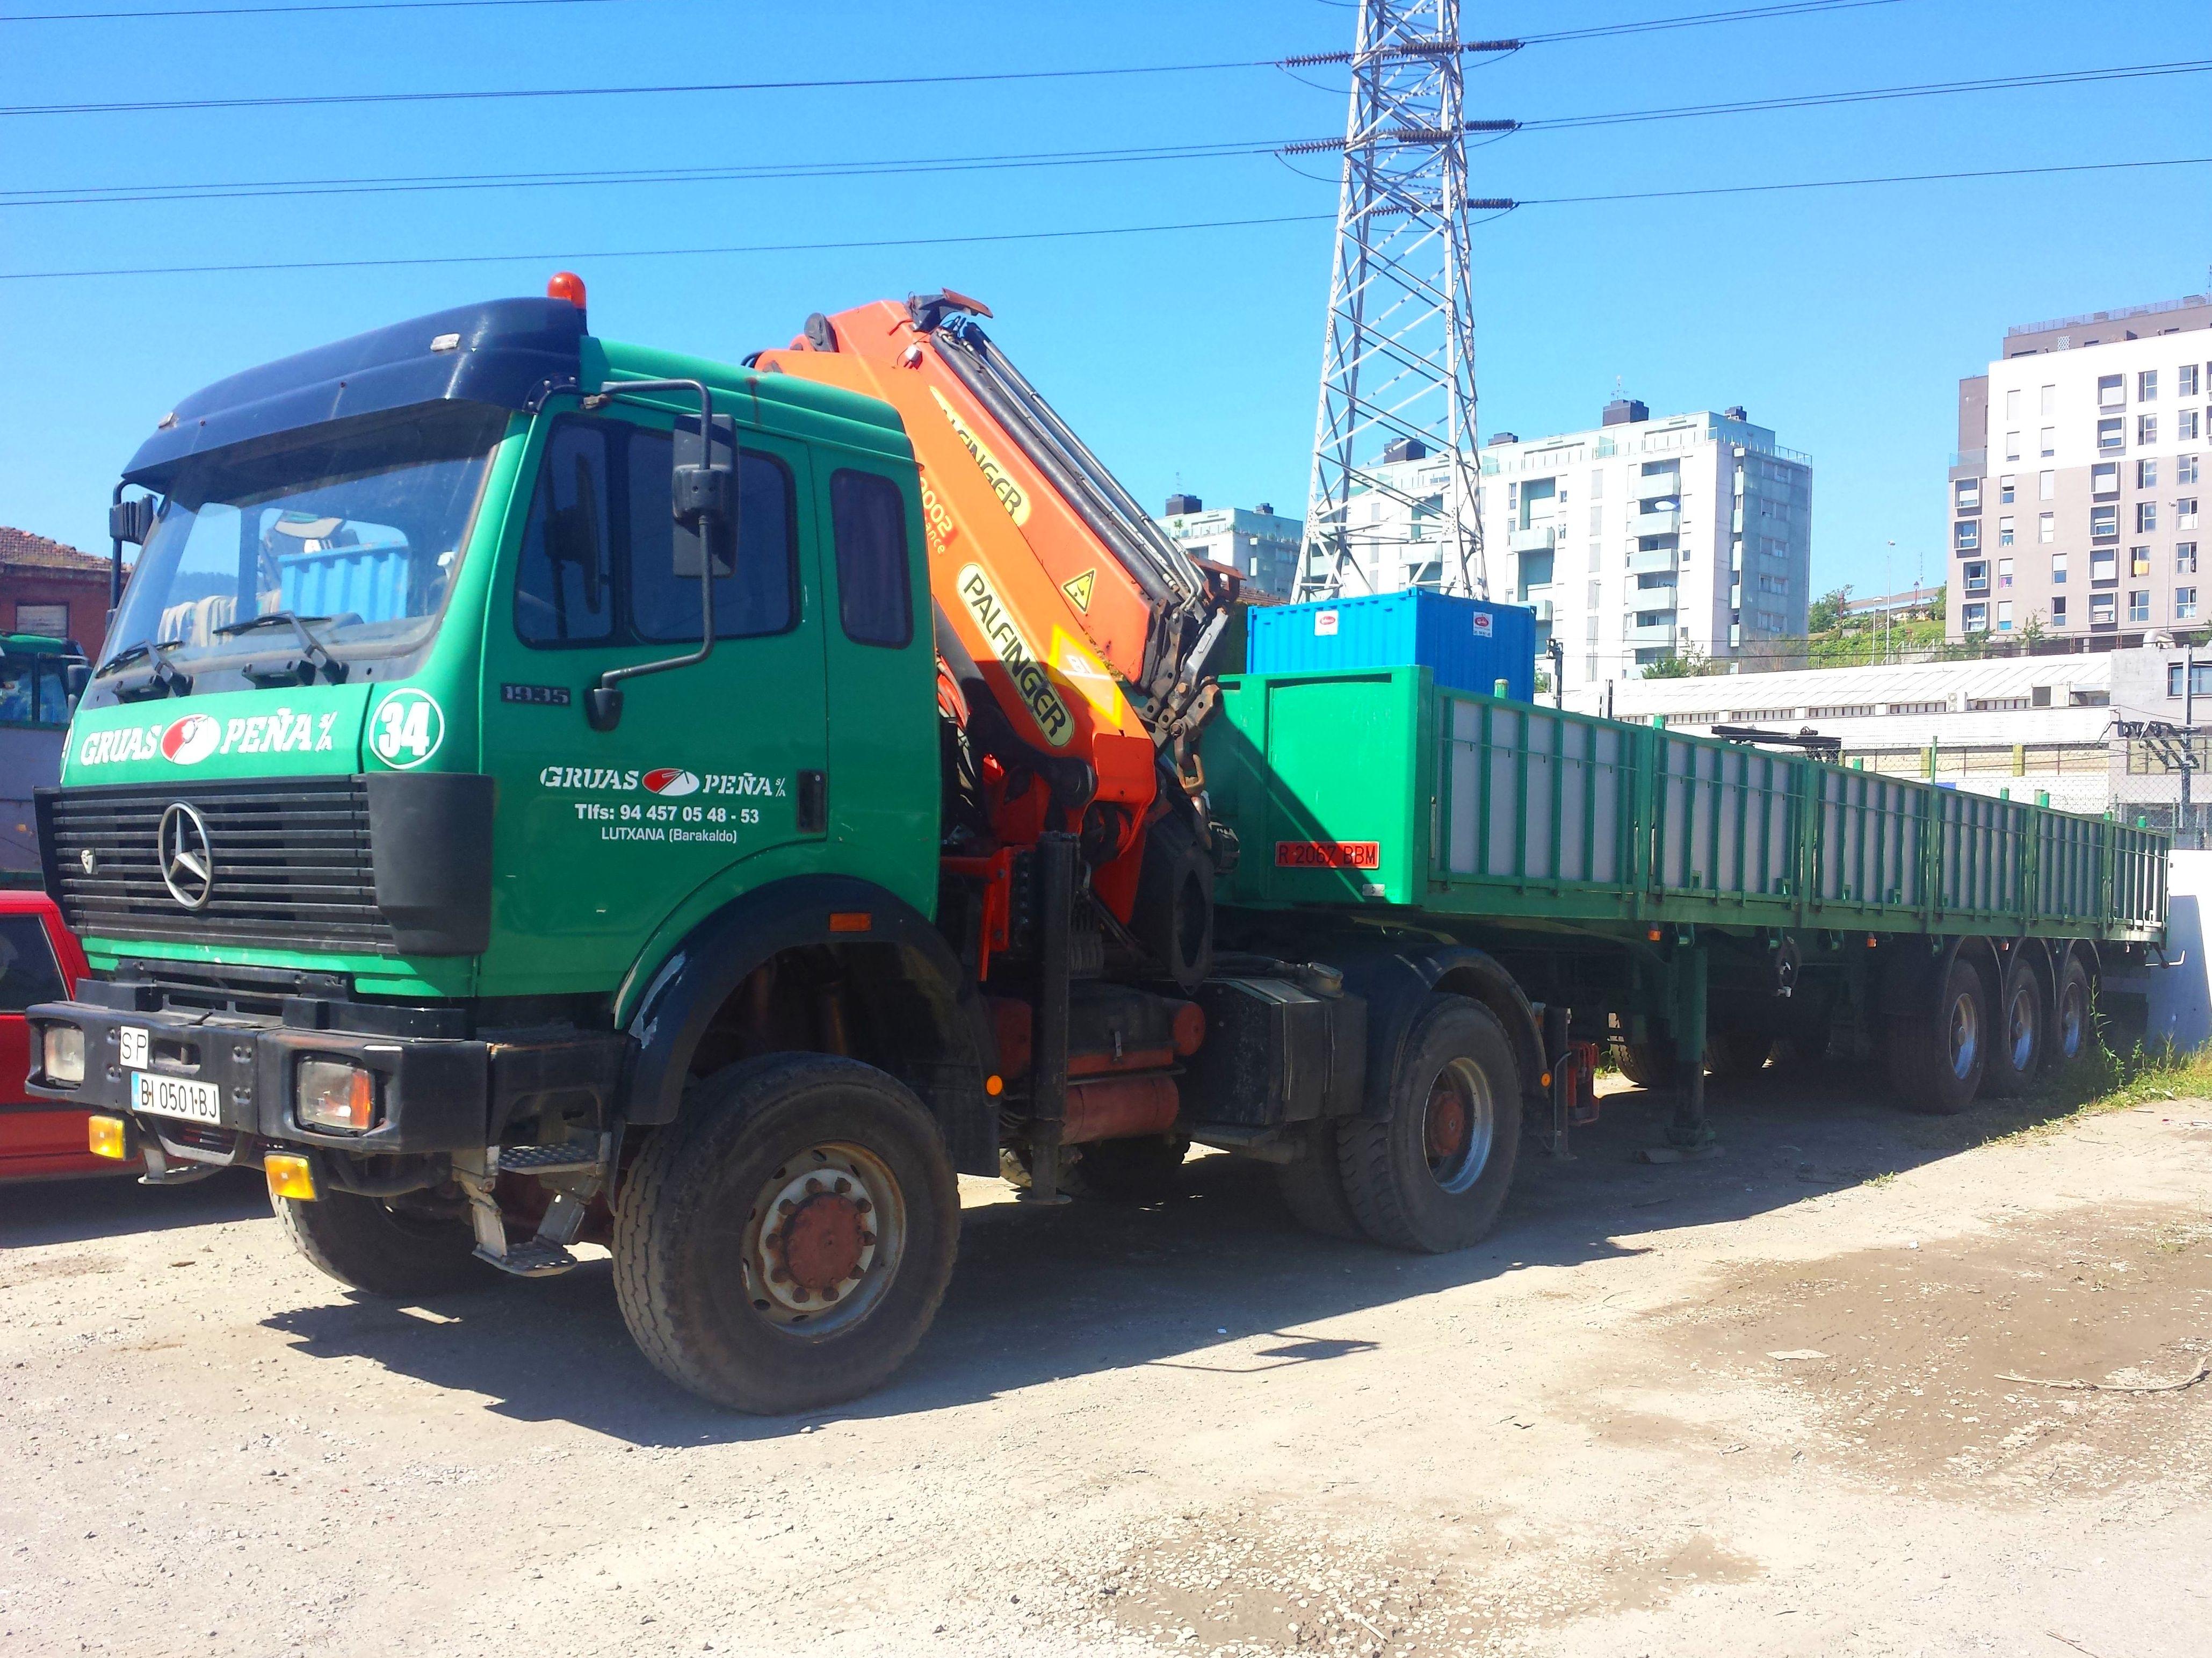 Foto 15 de Alquiler de camiones con grúa en Barakaldo | Camiones con Grúas Peña